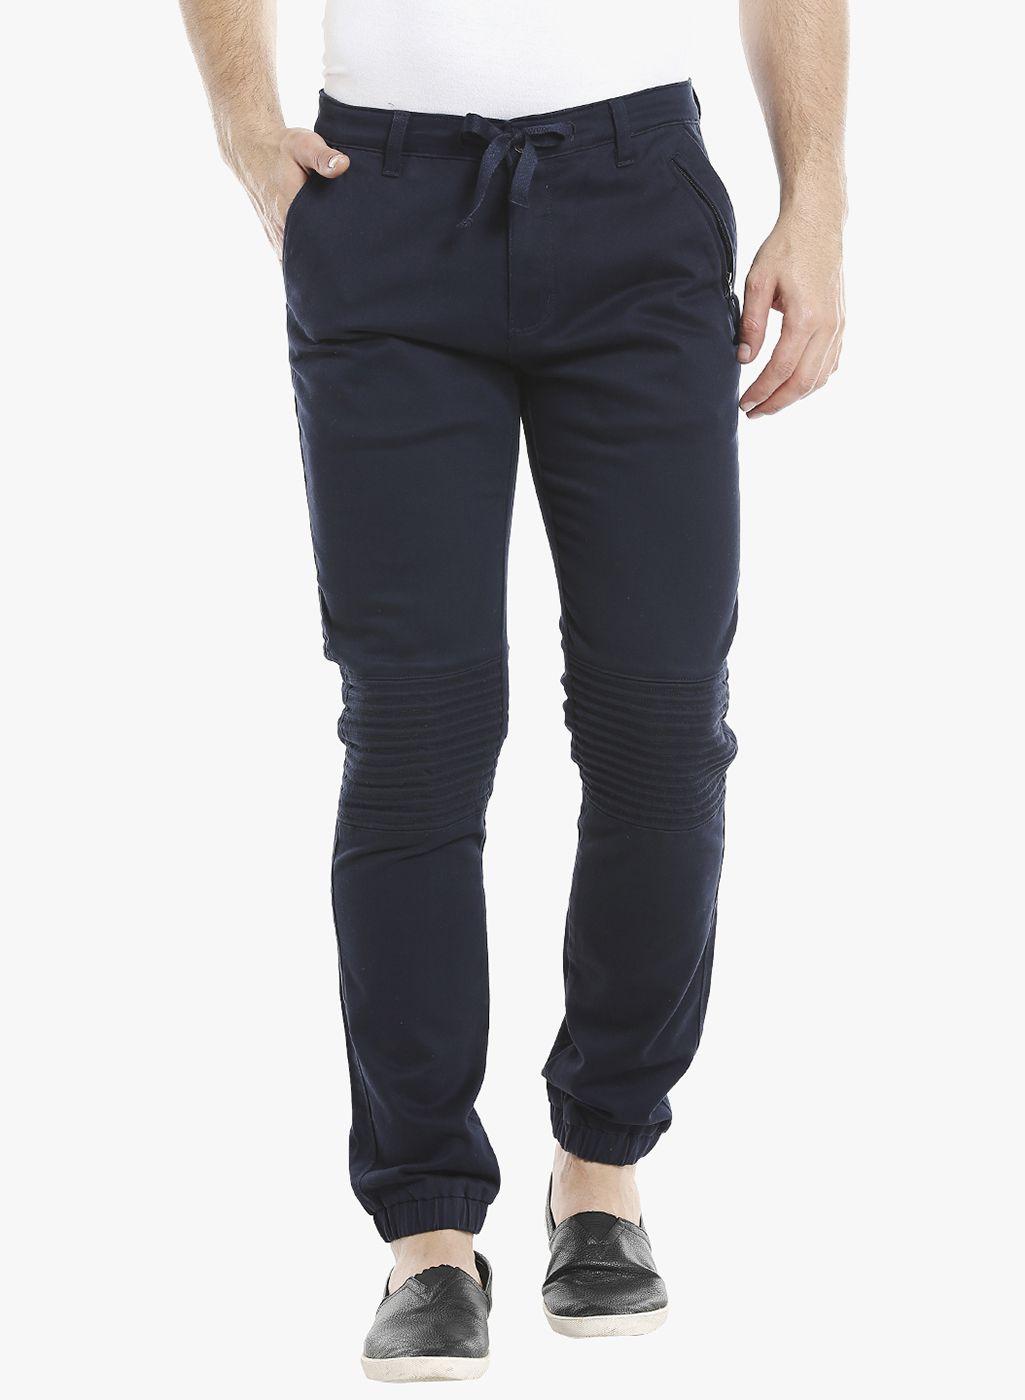 ROADIES by BEEVEE Navy Blue Regular -Fit Flat Trousers